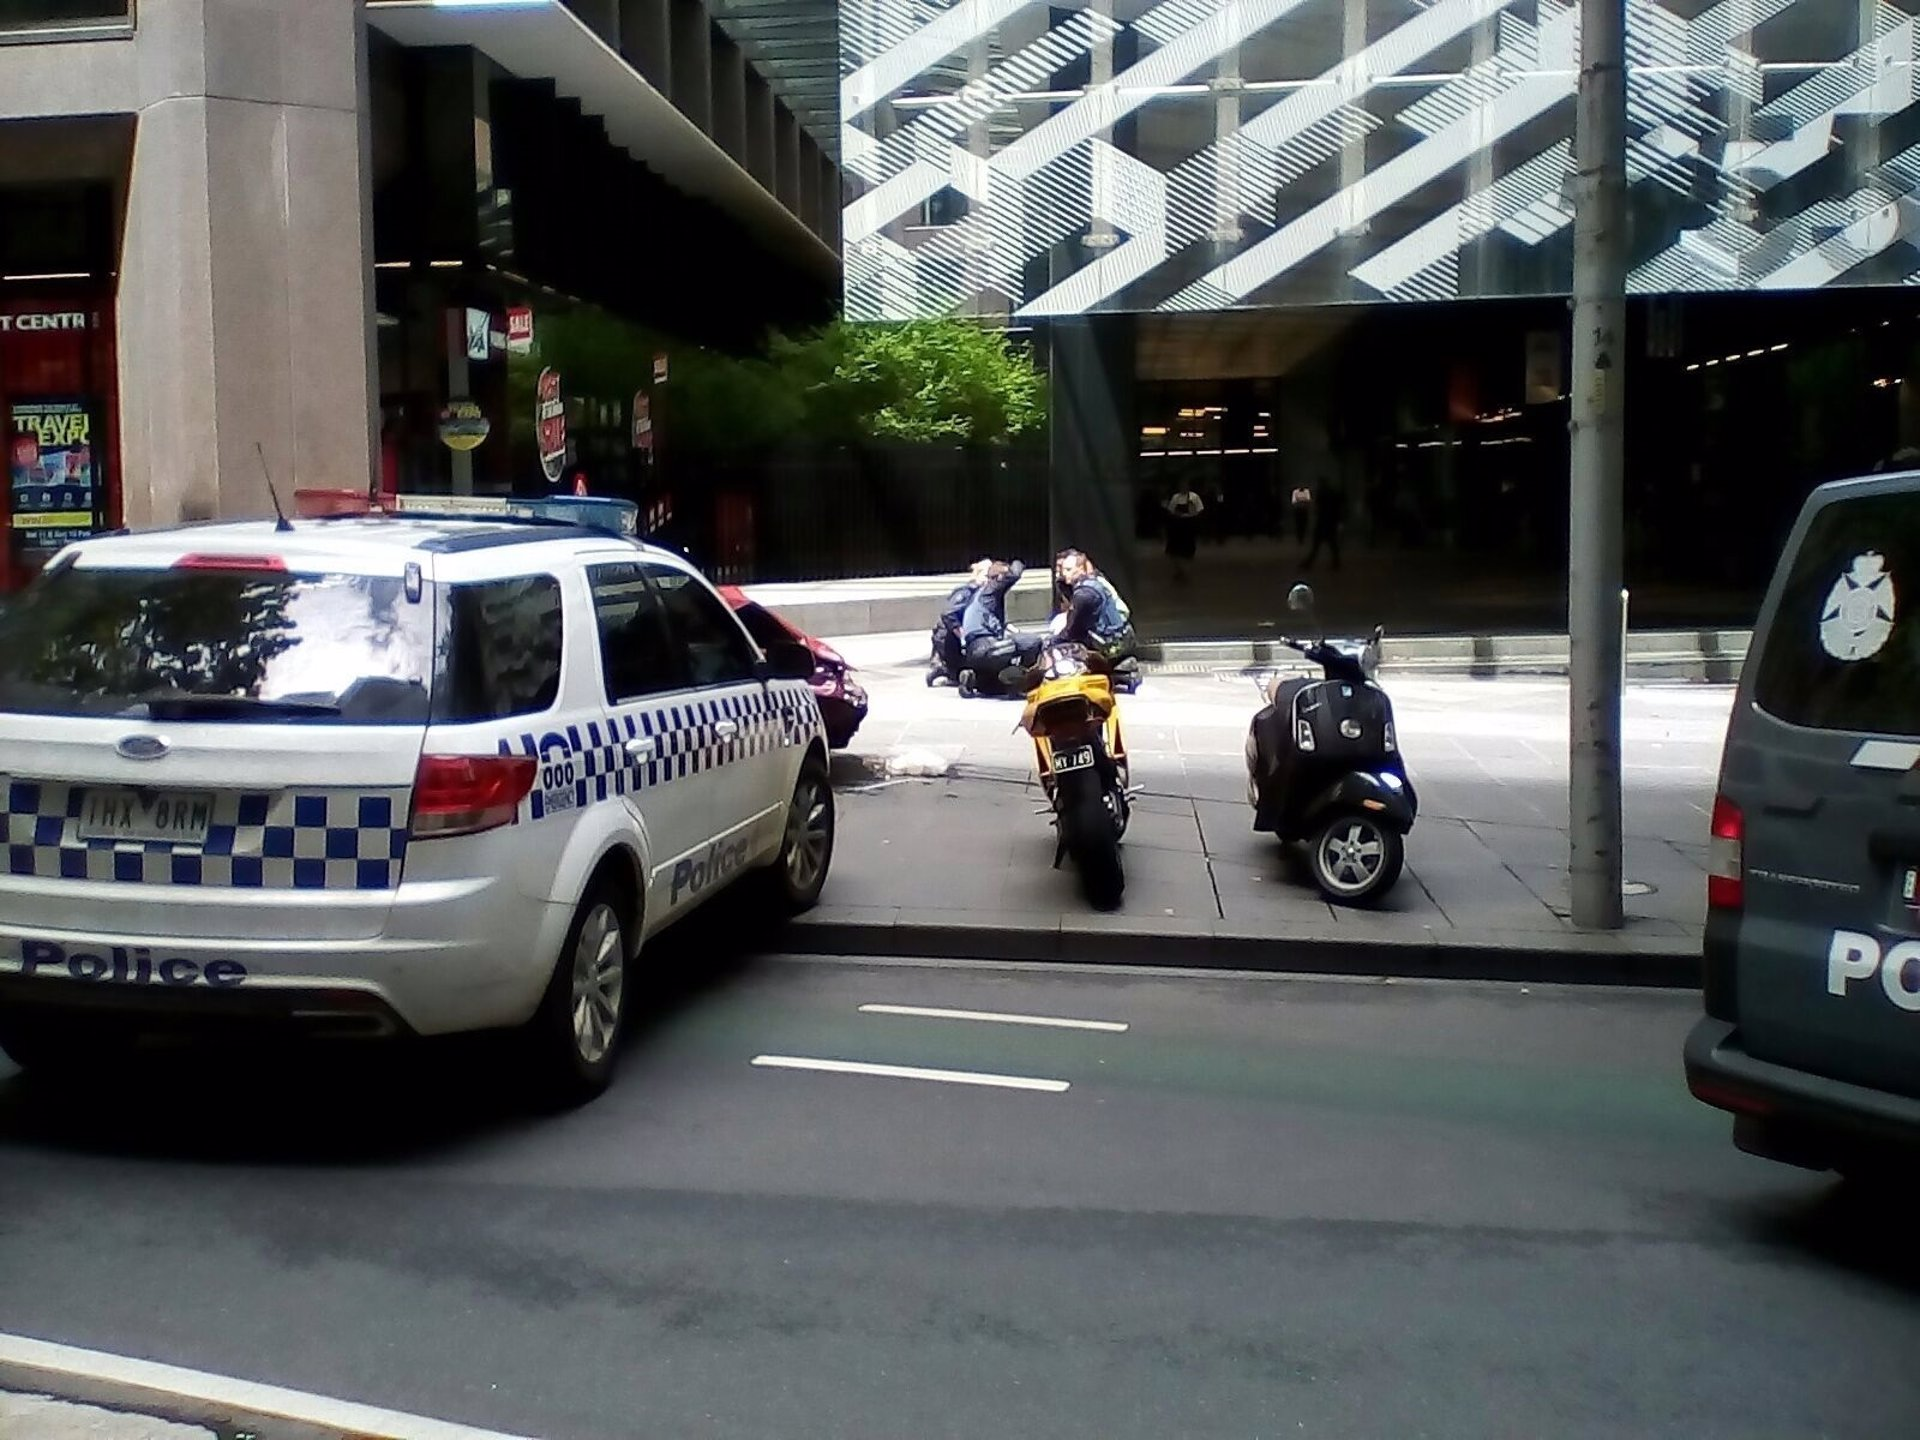 Un mallorquín en el atropello deliberado de Melbourne: 'La gente estaba muy asustada, con pánico'